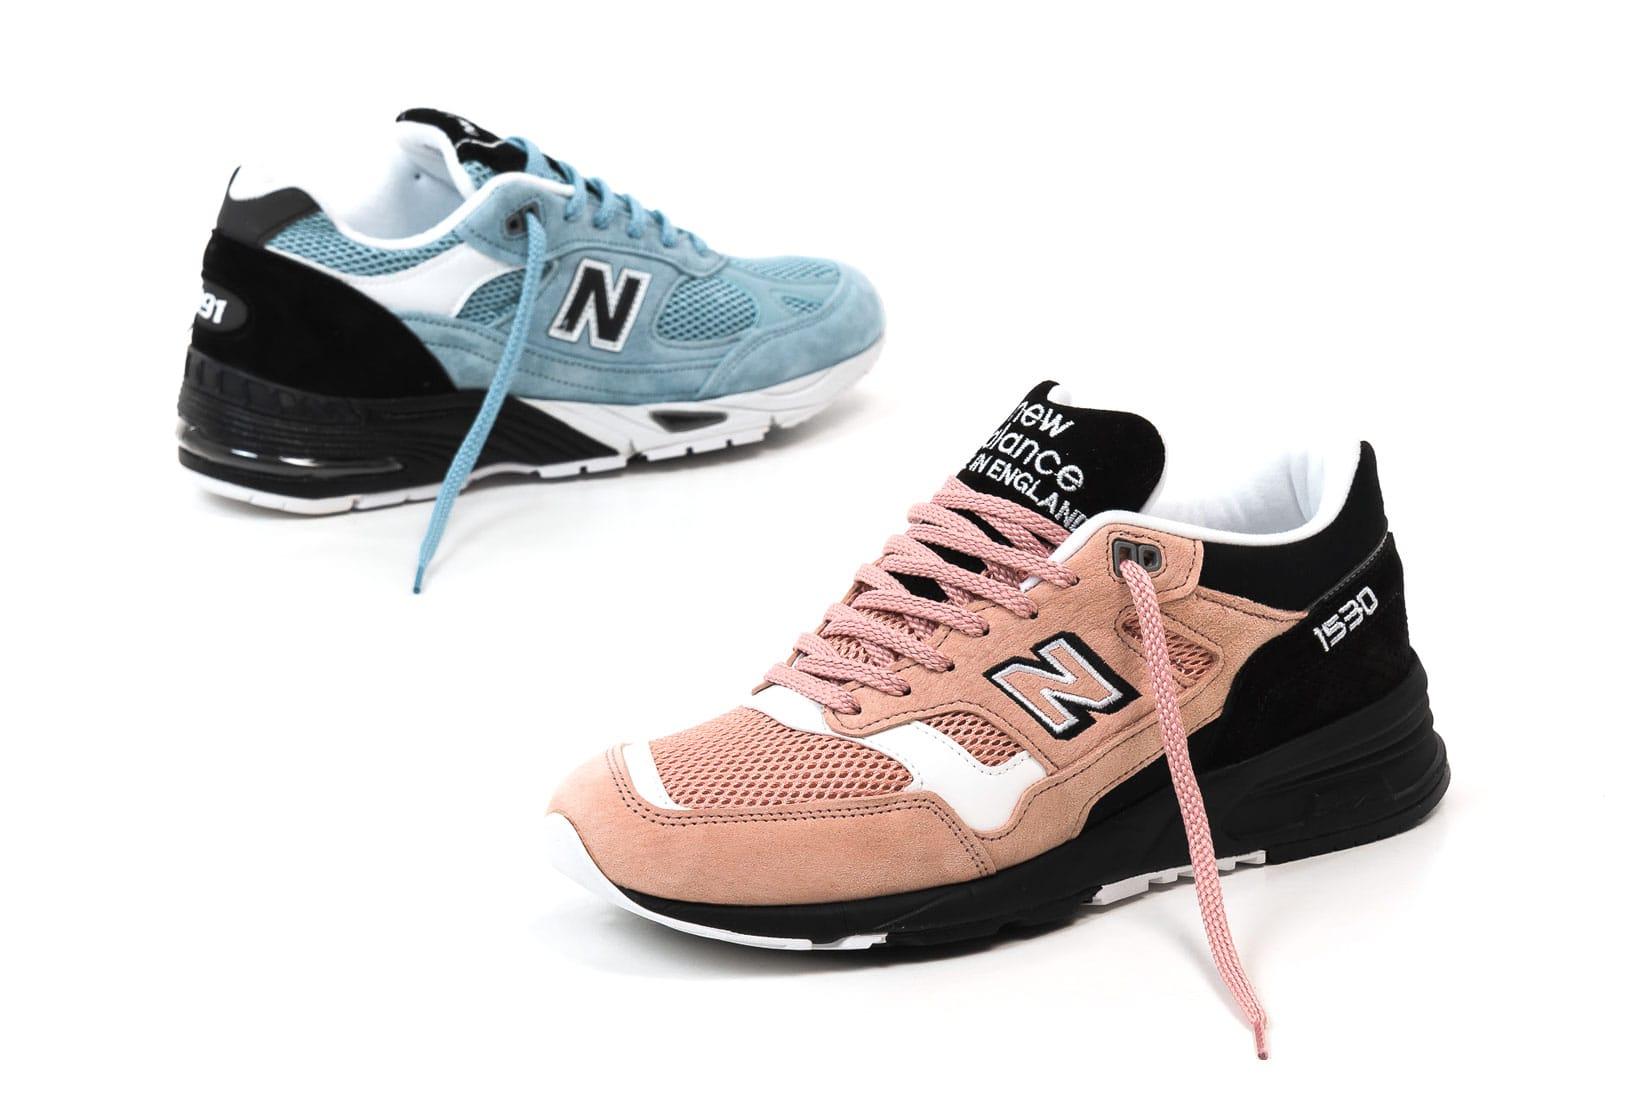 New Balance 991 Blue \u0026 1530 Pink Pastel